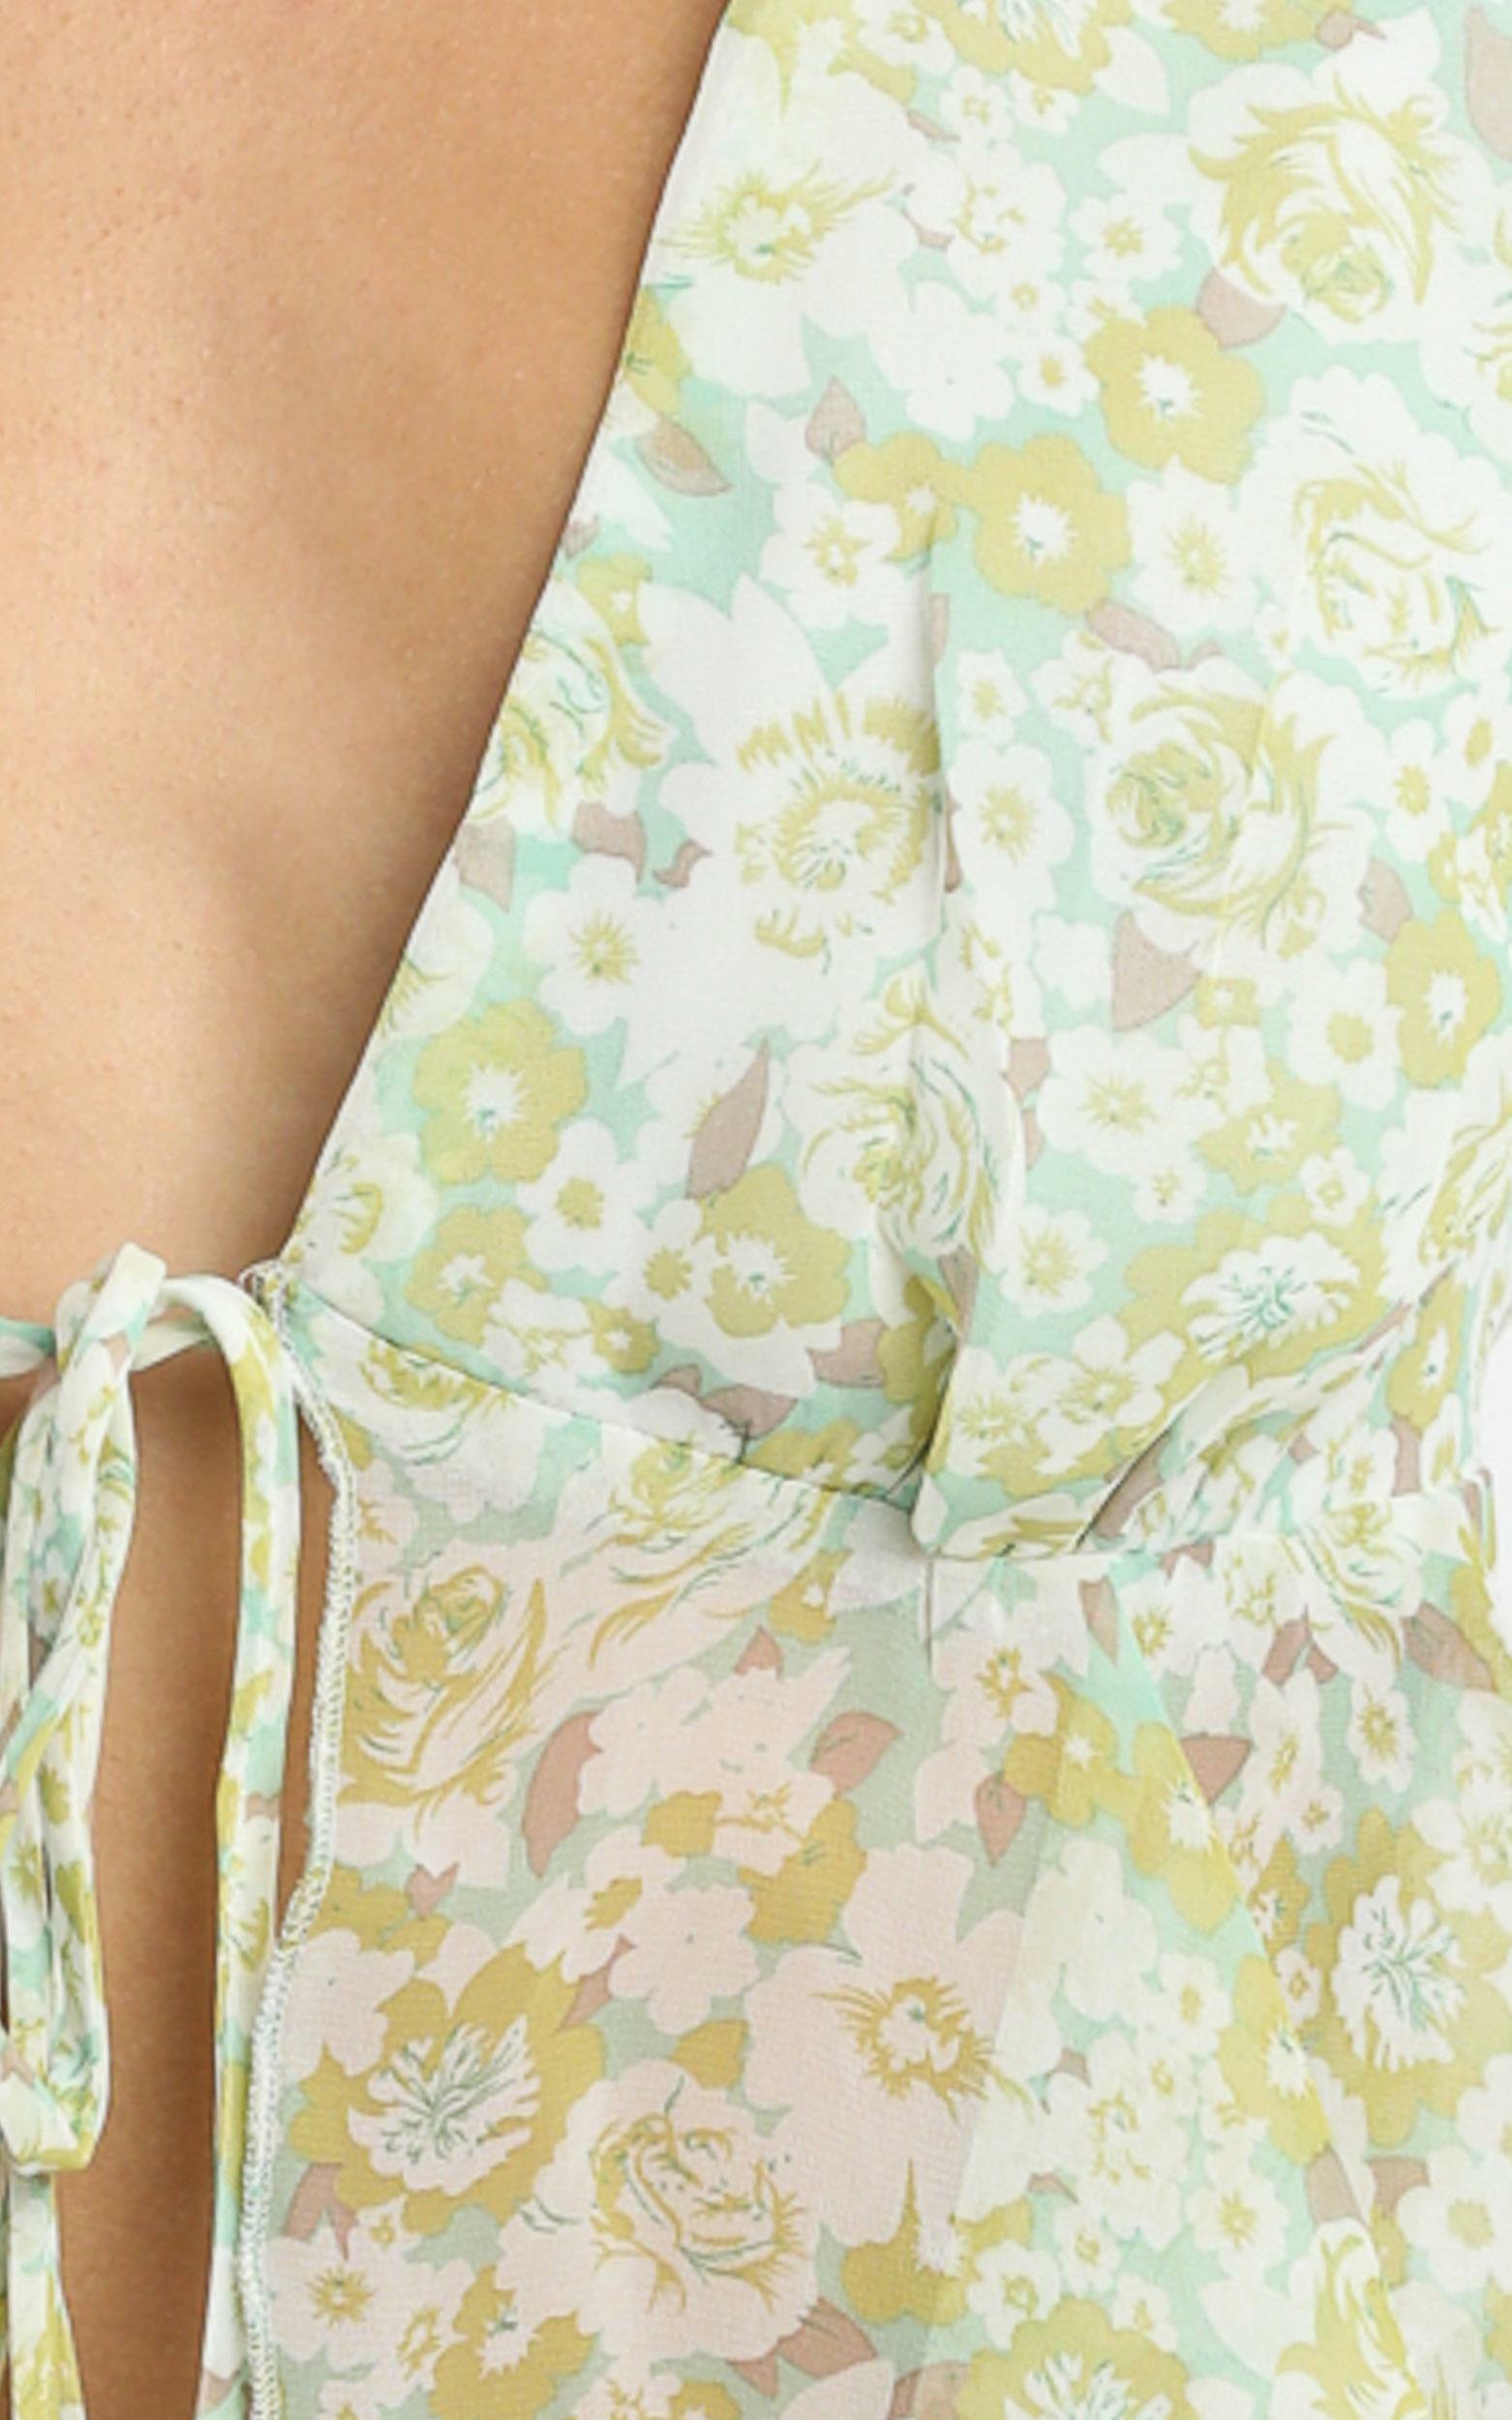 Dance It Out Top in Citrus Floral citrus floral - 4 (XXS), Sage, hi-res image number null